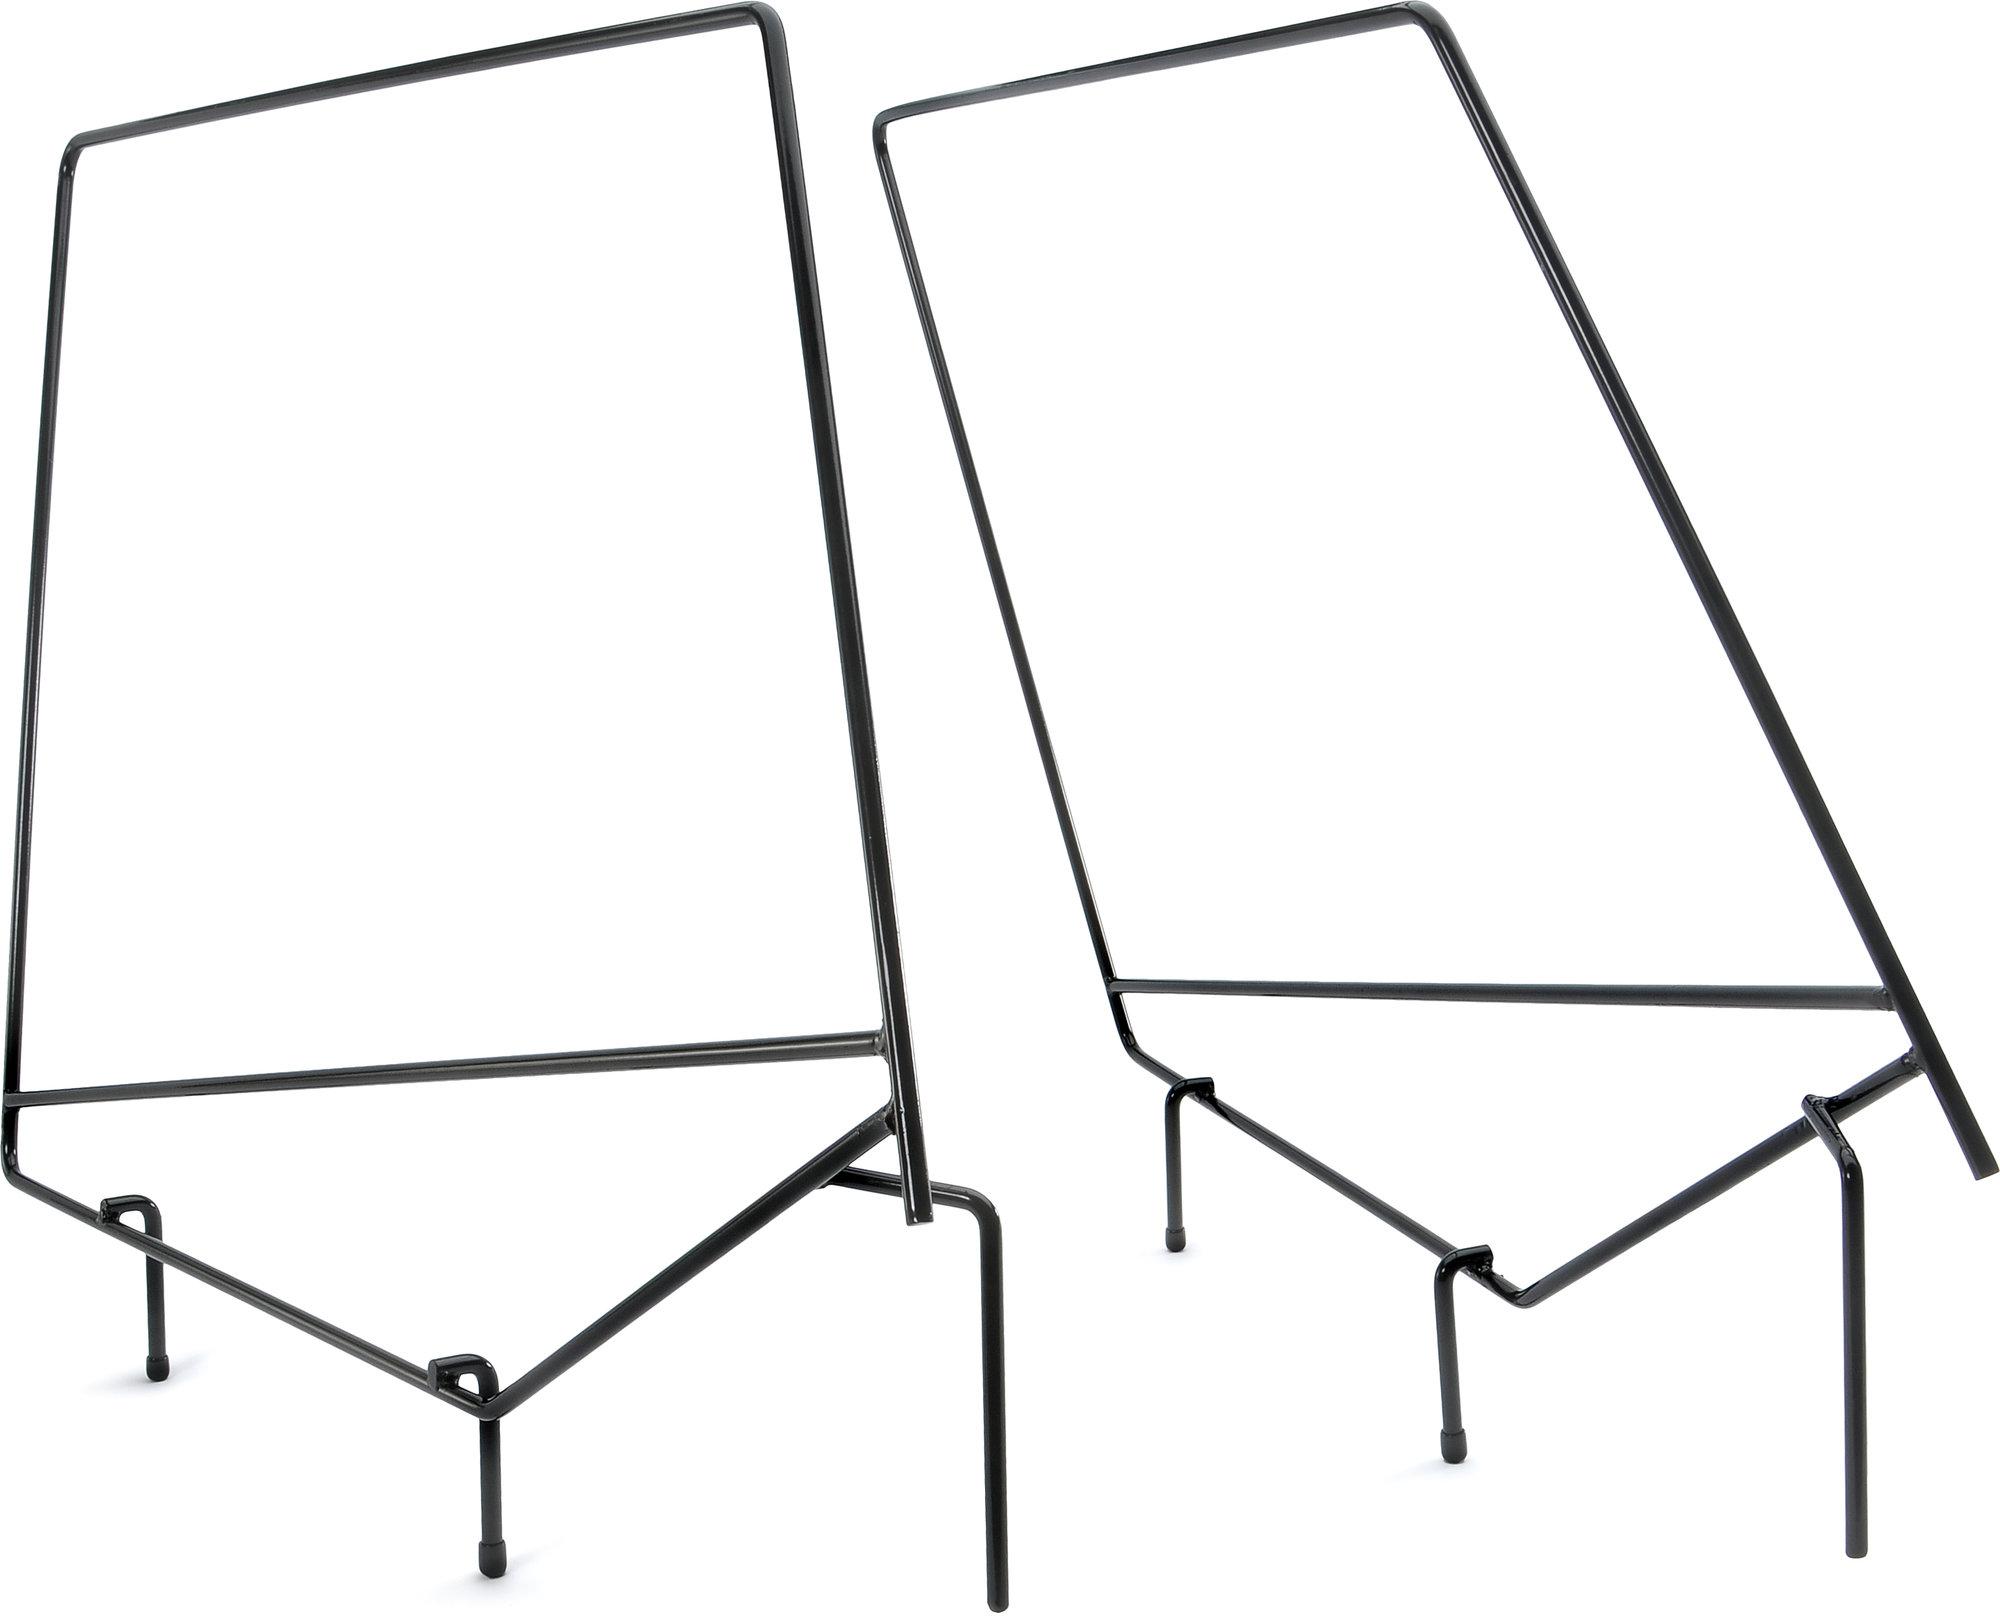 Rampage Products 89699 RMP OEM Style Upper Door Frame Pair